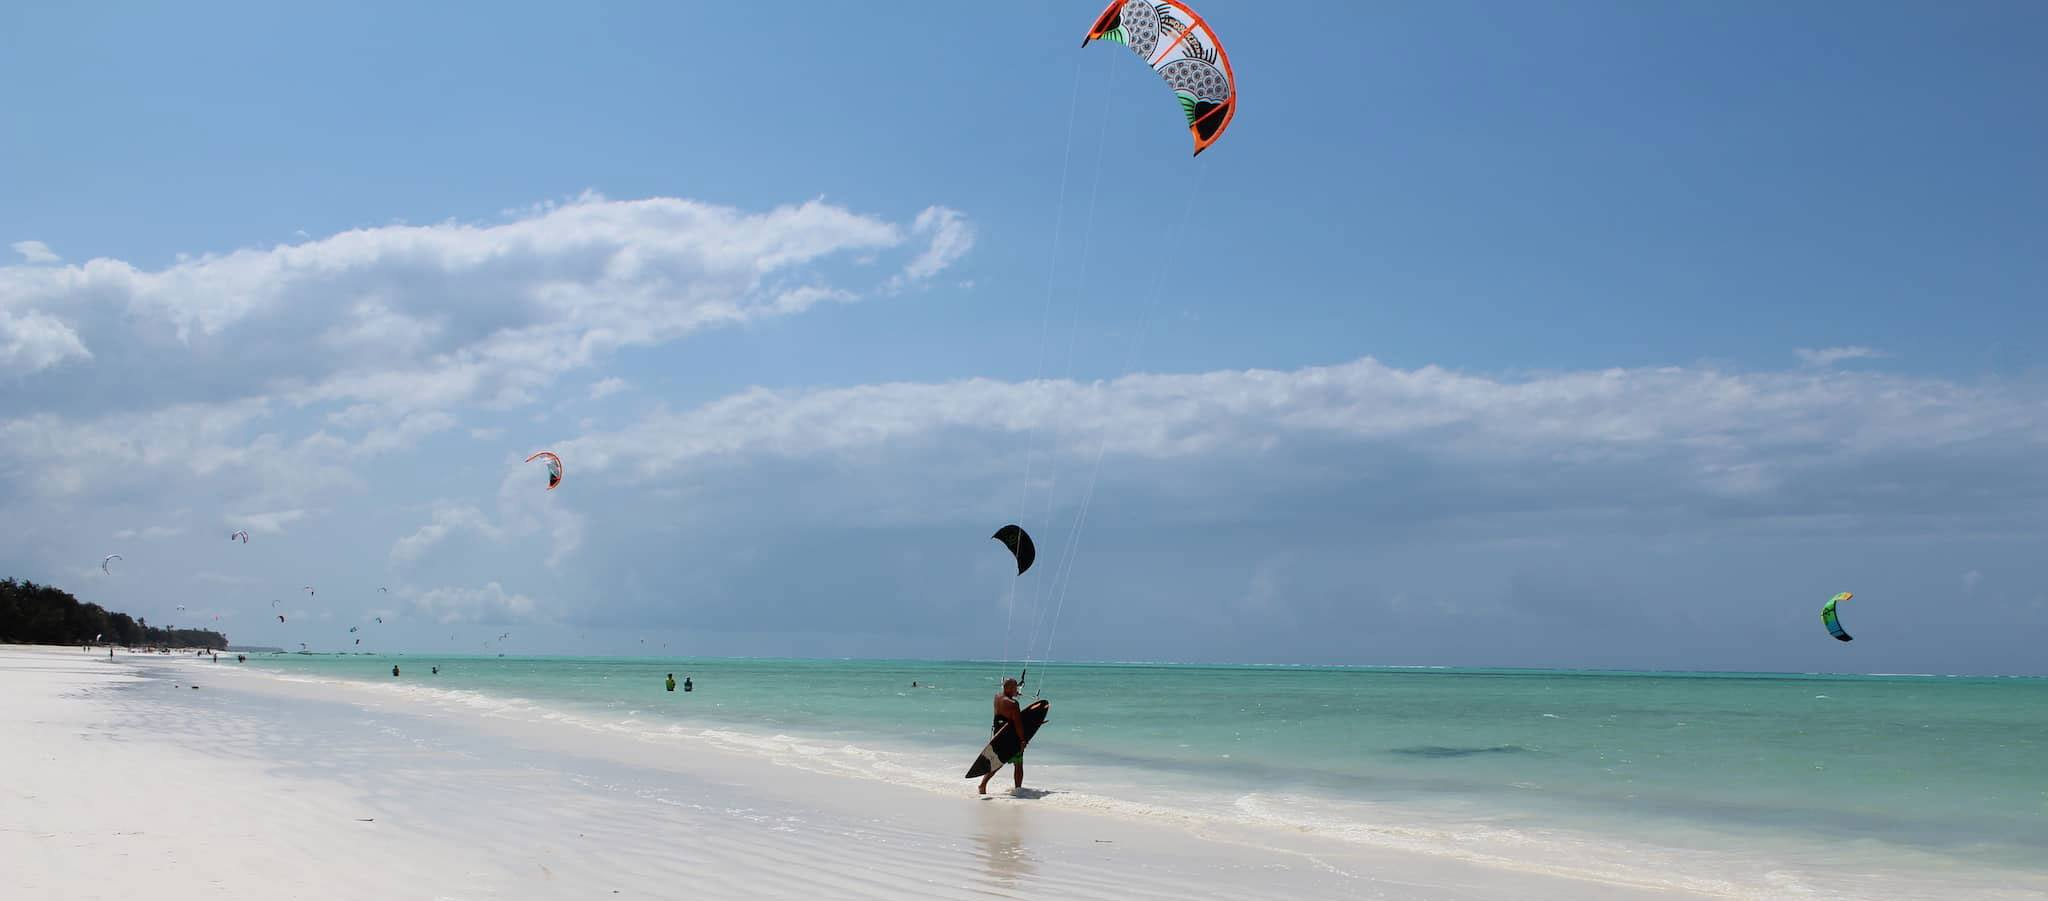 Ein Kitesurfer auf dem Ozean vorm weißen Sandstrand von Sansibar